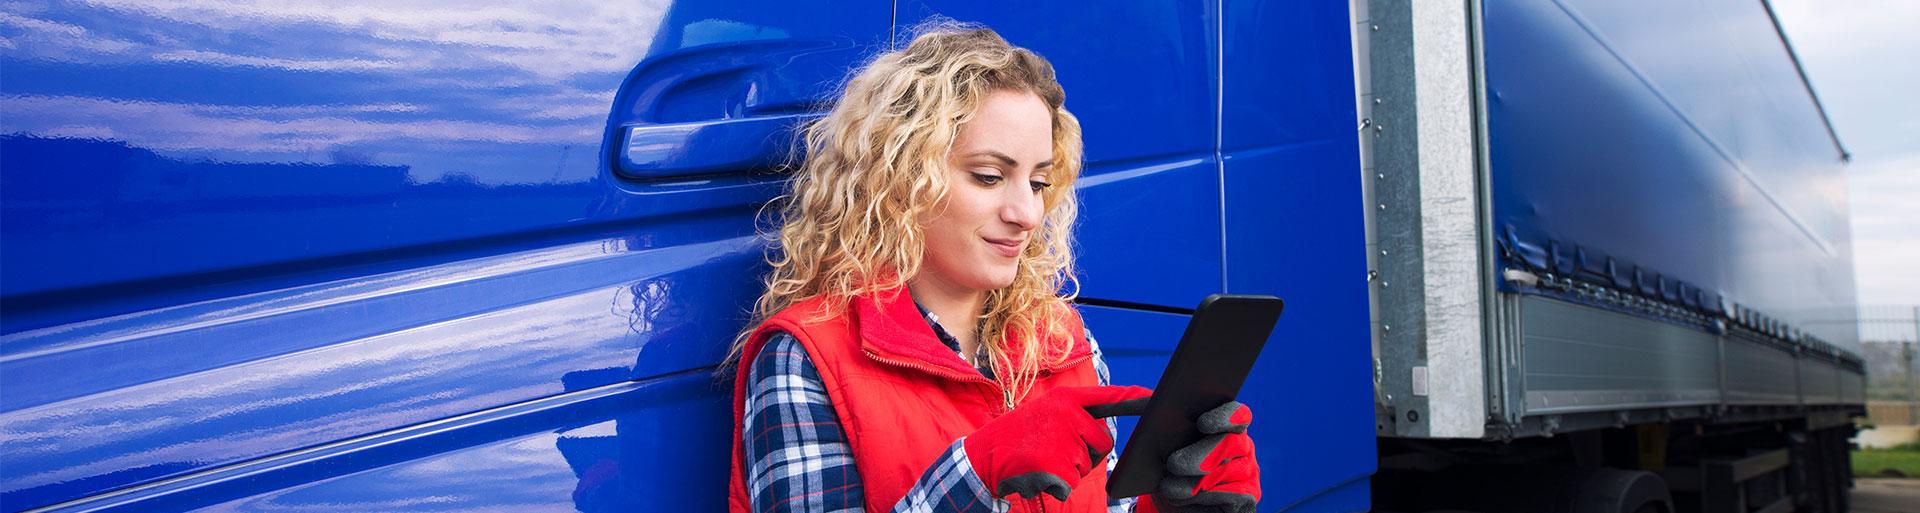 mulher com telefone na mão em frente a um caminhão